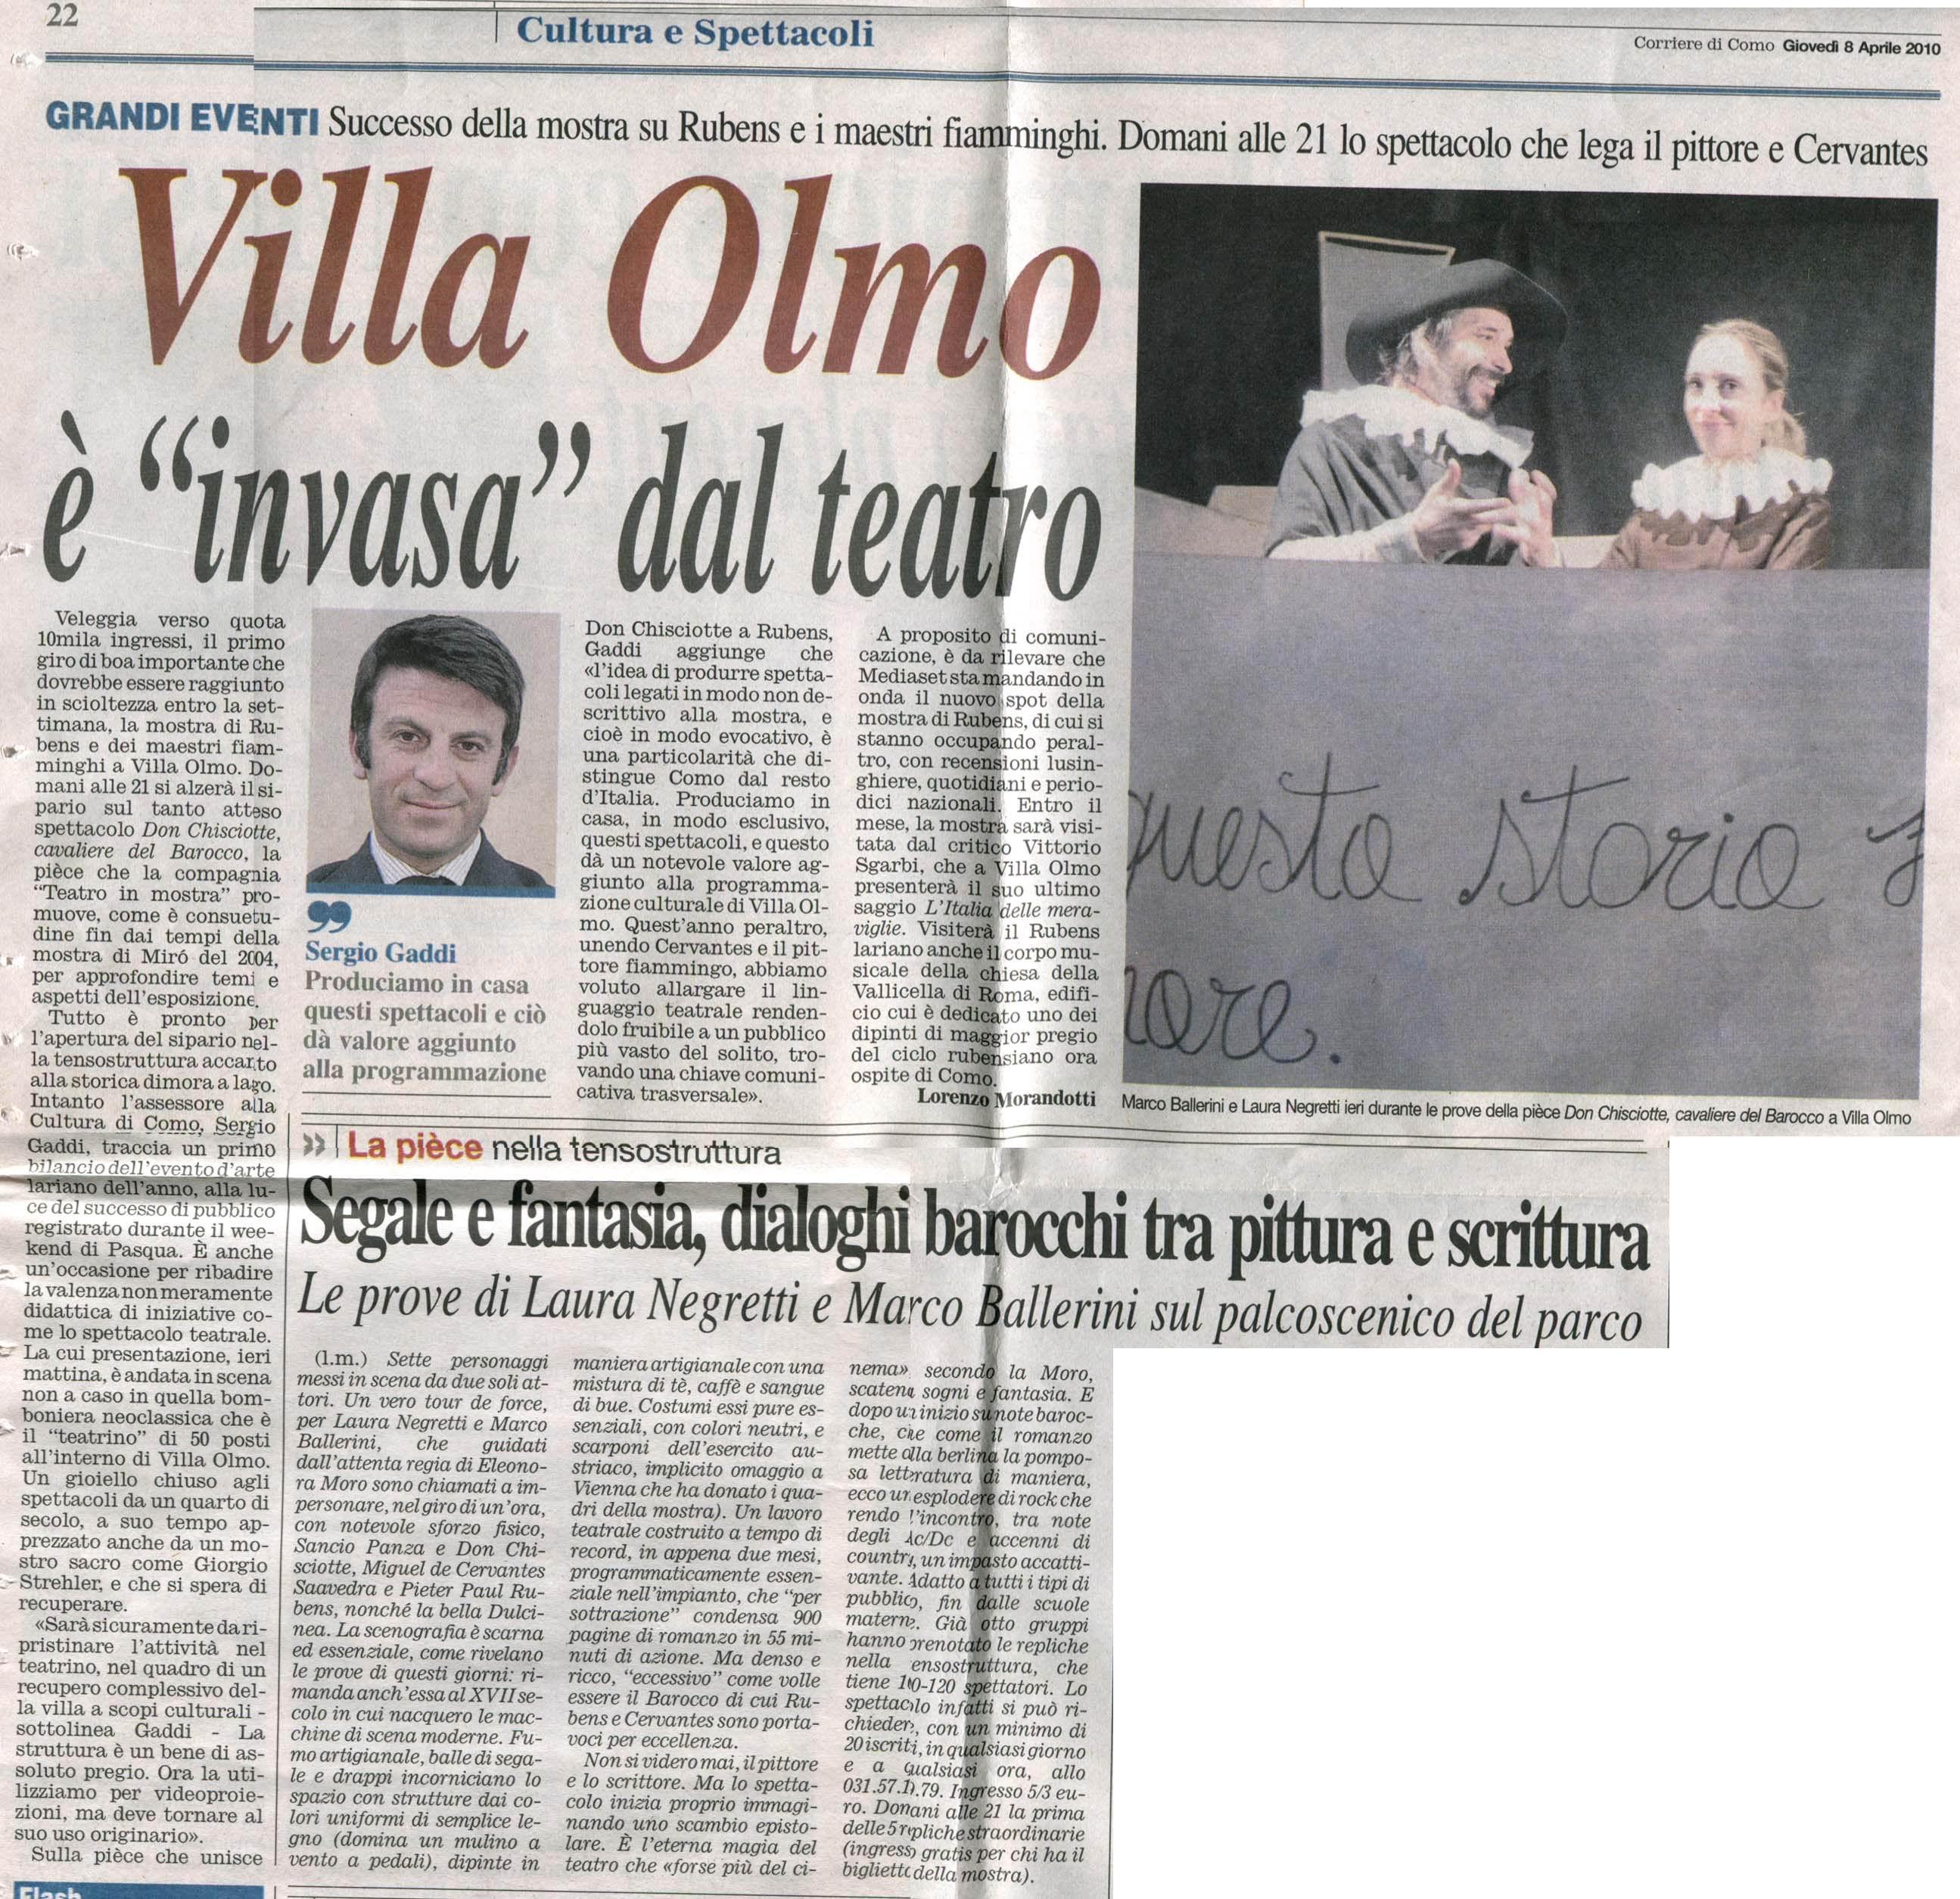 Corriere di Como 8 Aprile 2010